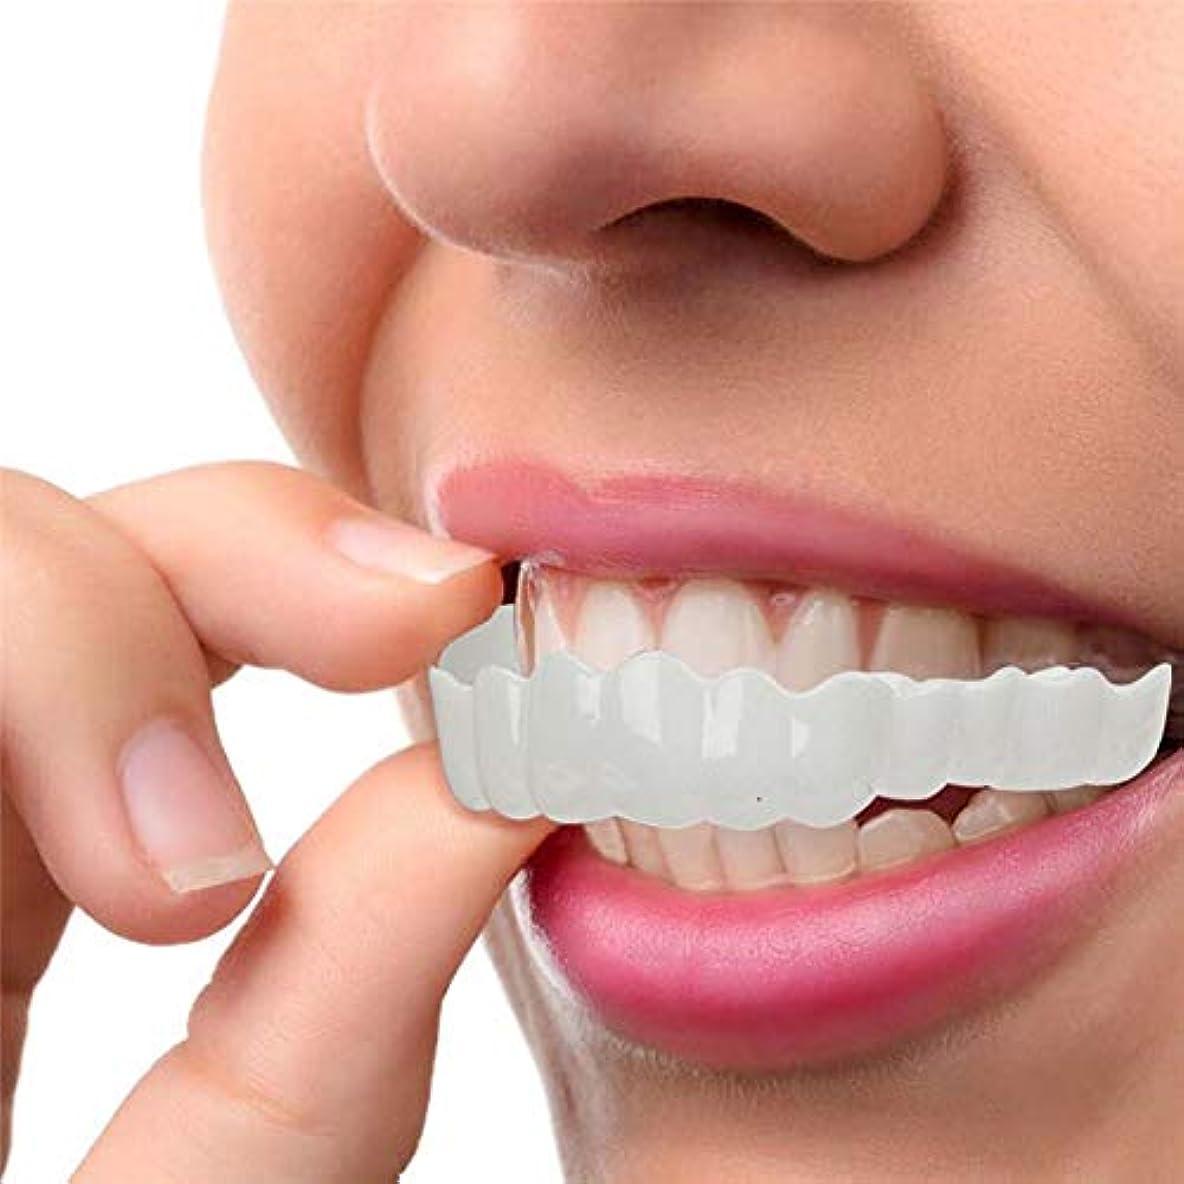 信念実用的妖精化粧品の歯、白い歯をきれいにするコンフォートフィットフレックス歯ソケット、超快適、快適なフィット感、3セット